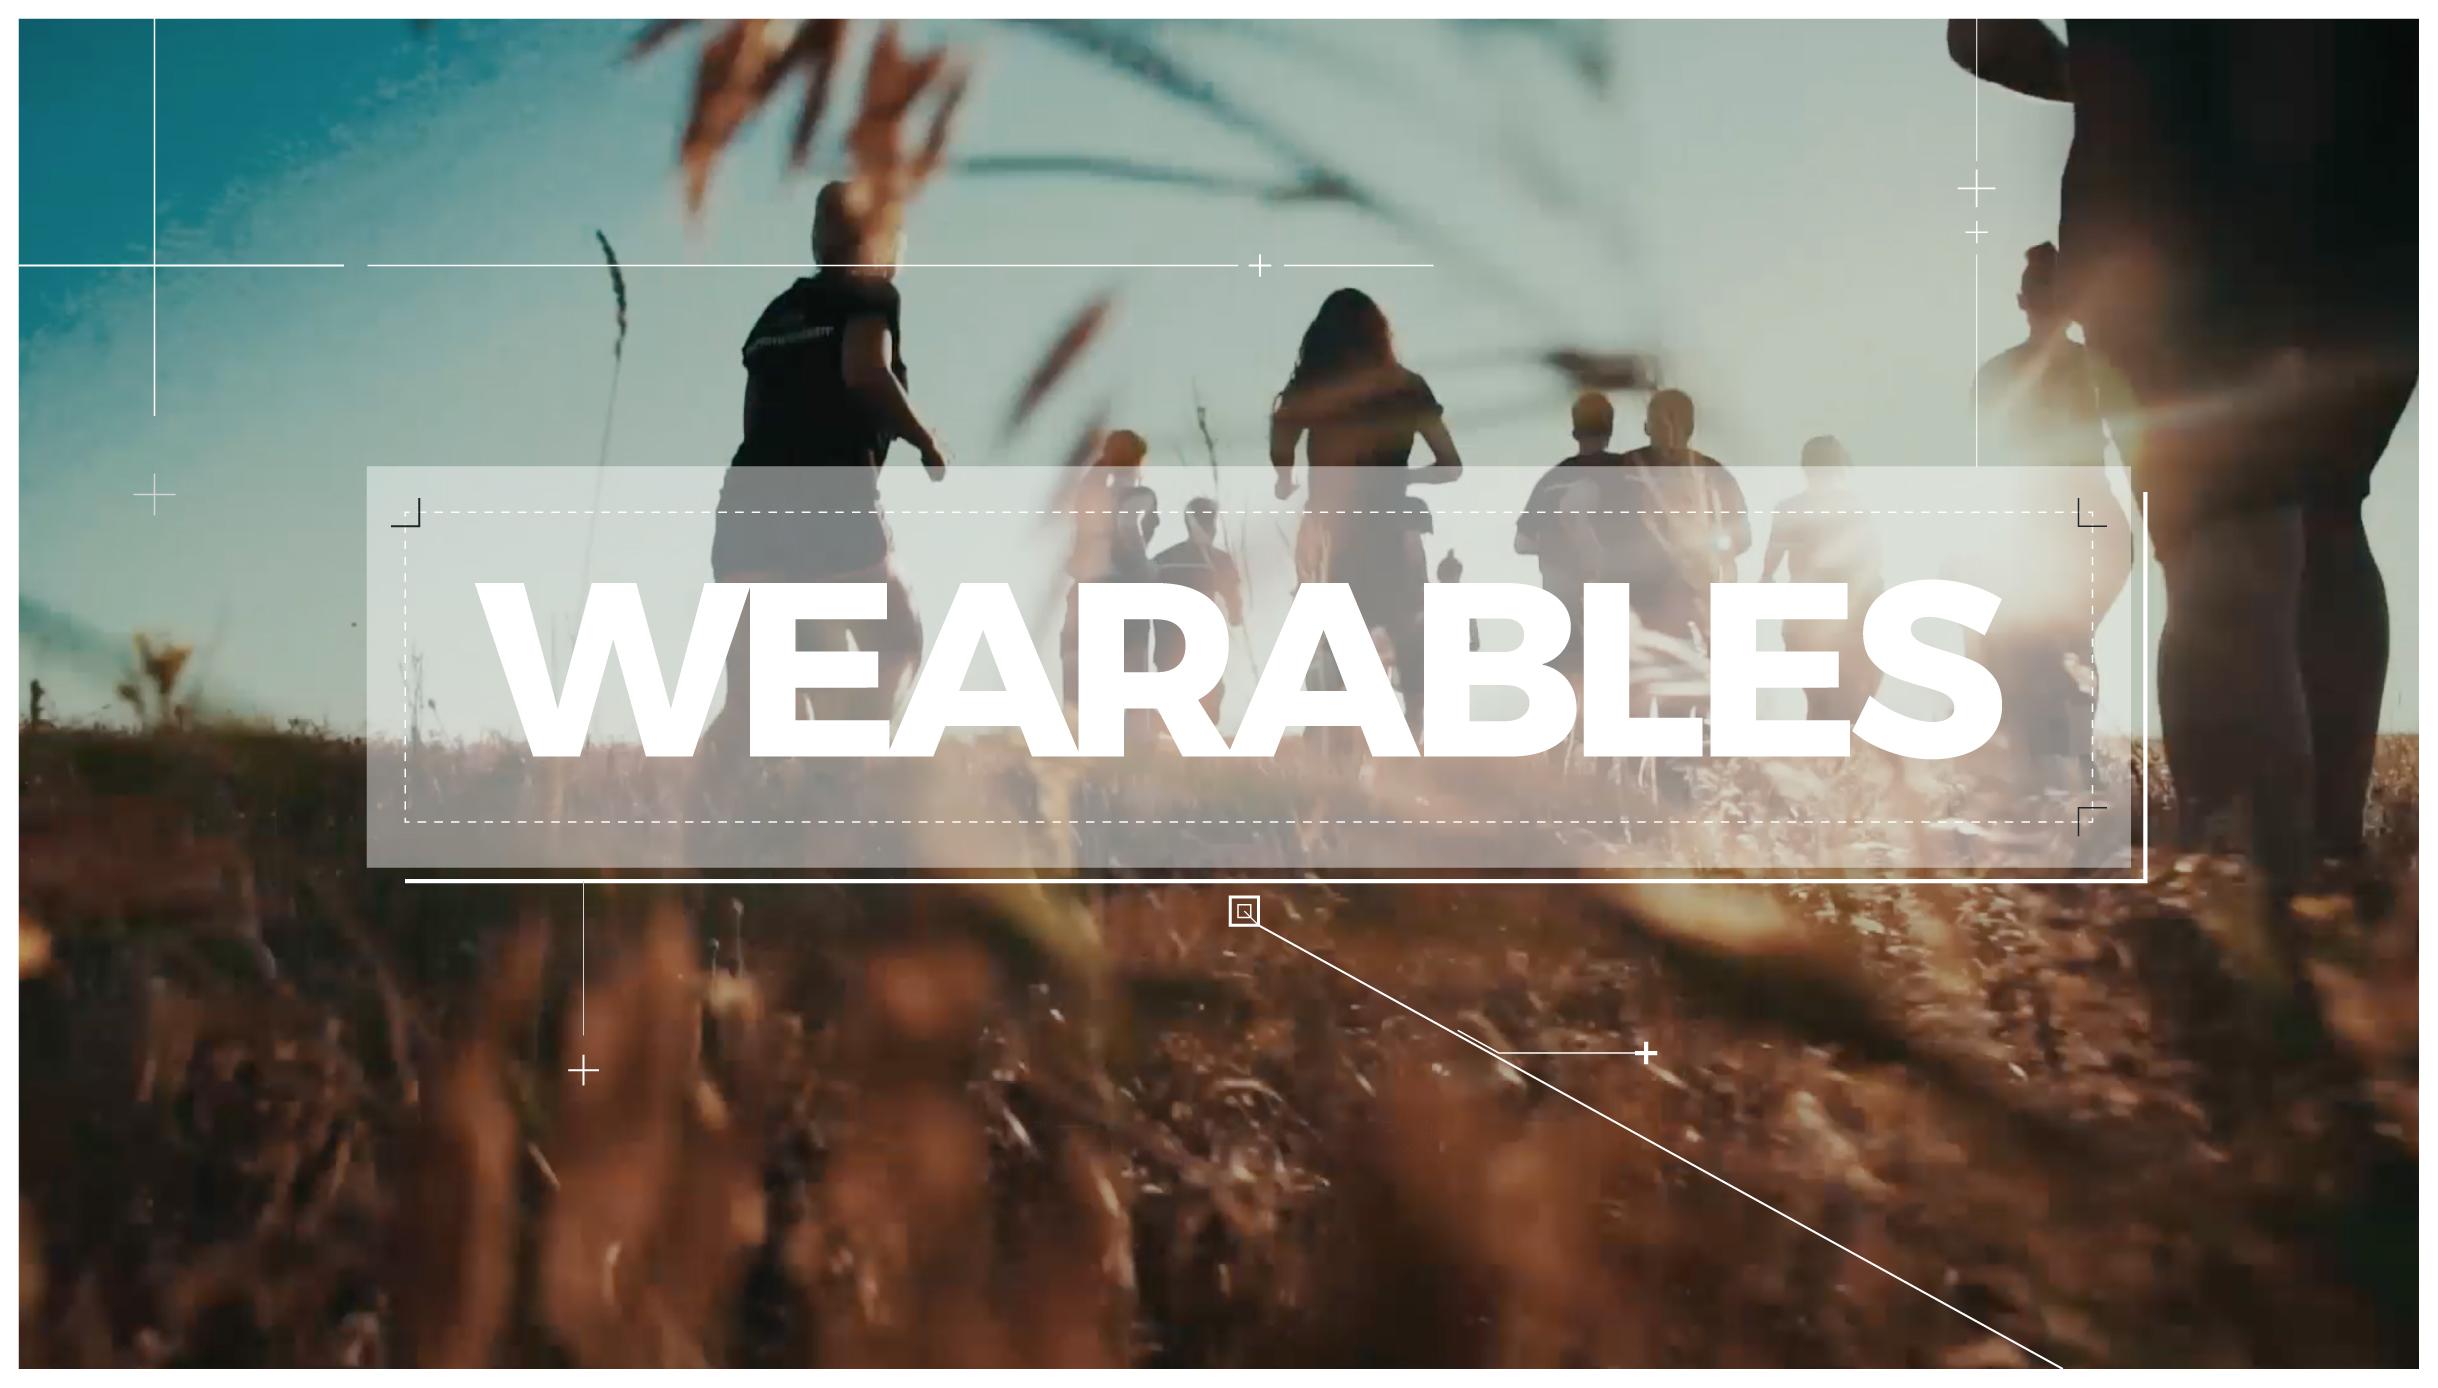 EXOS_Wearables_Storyboard-09.jpg